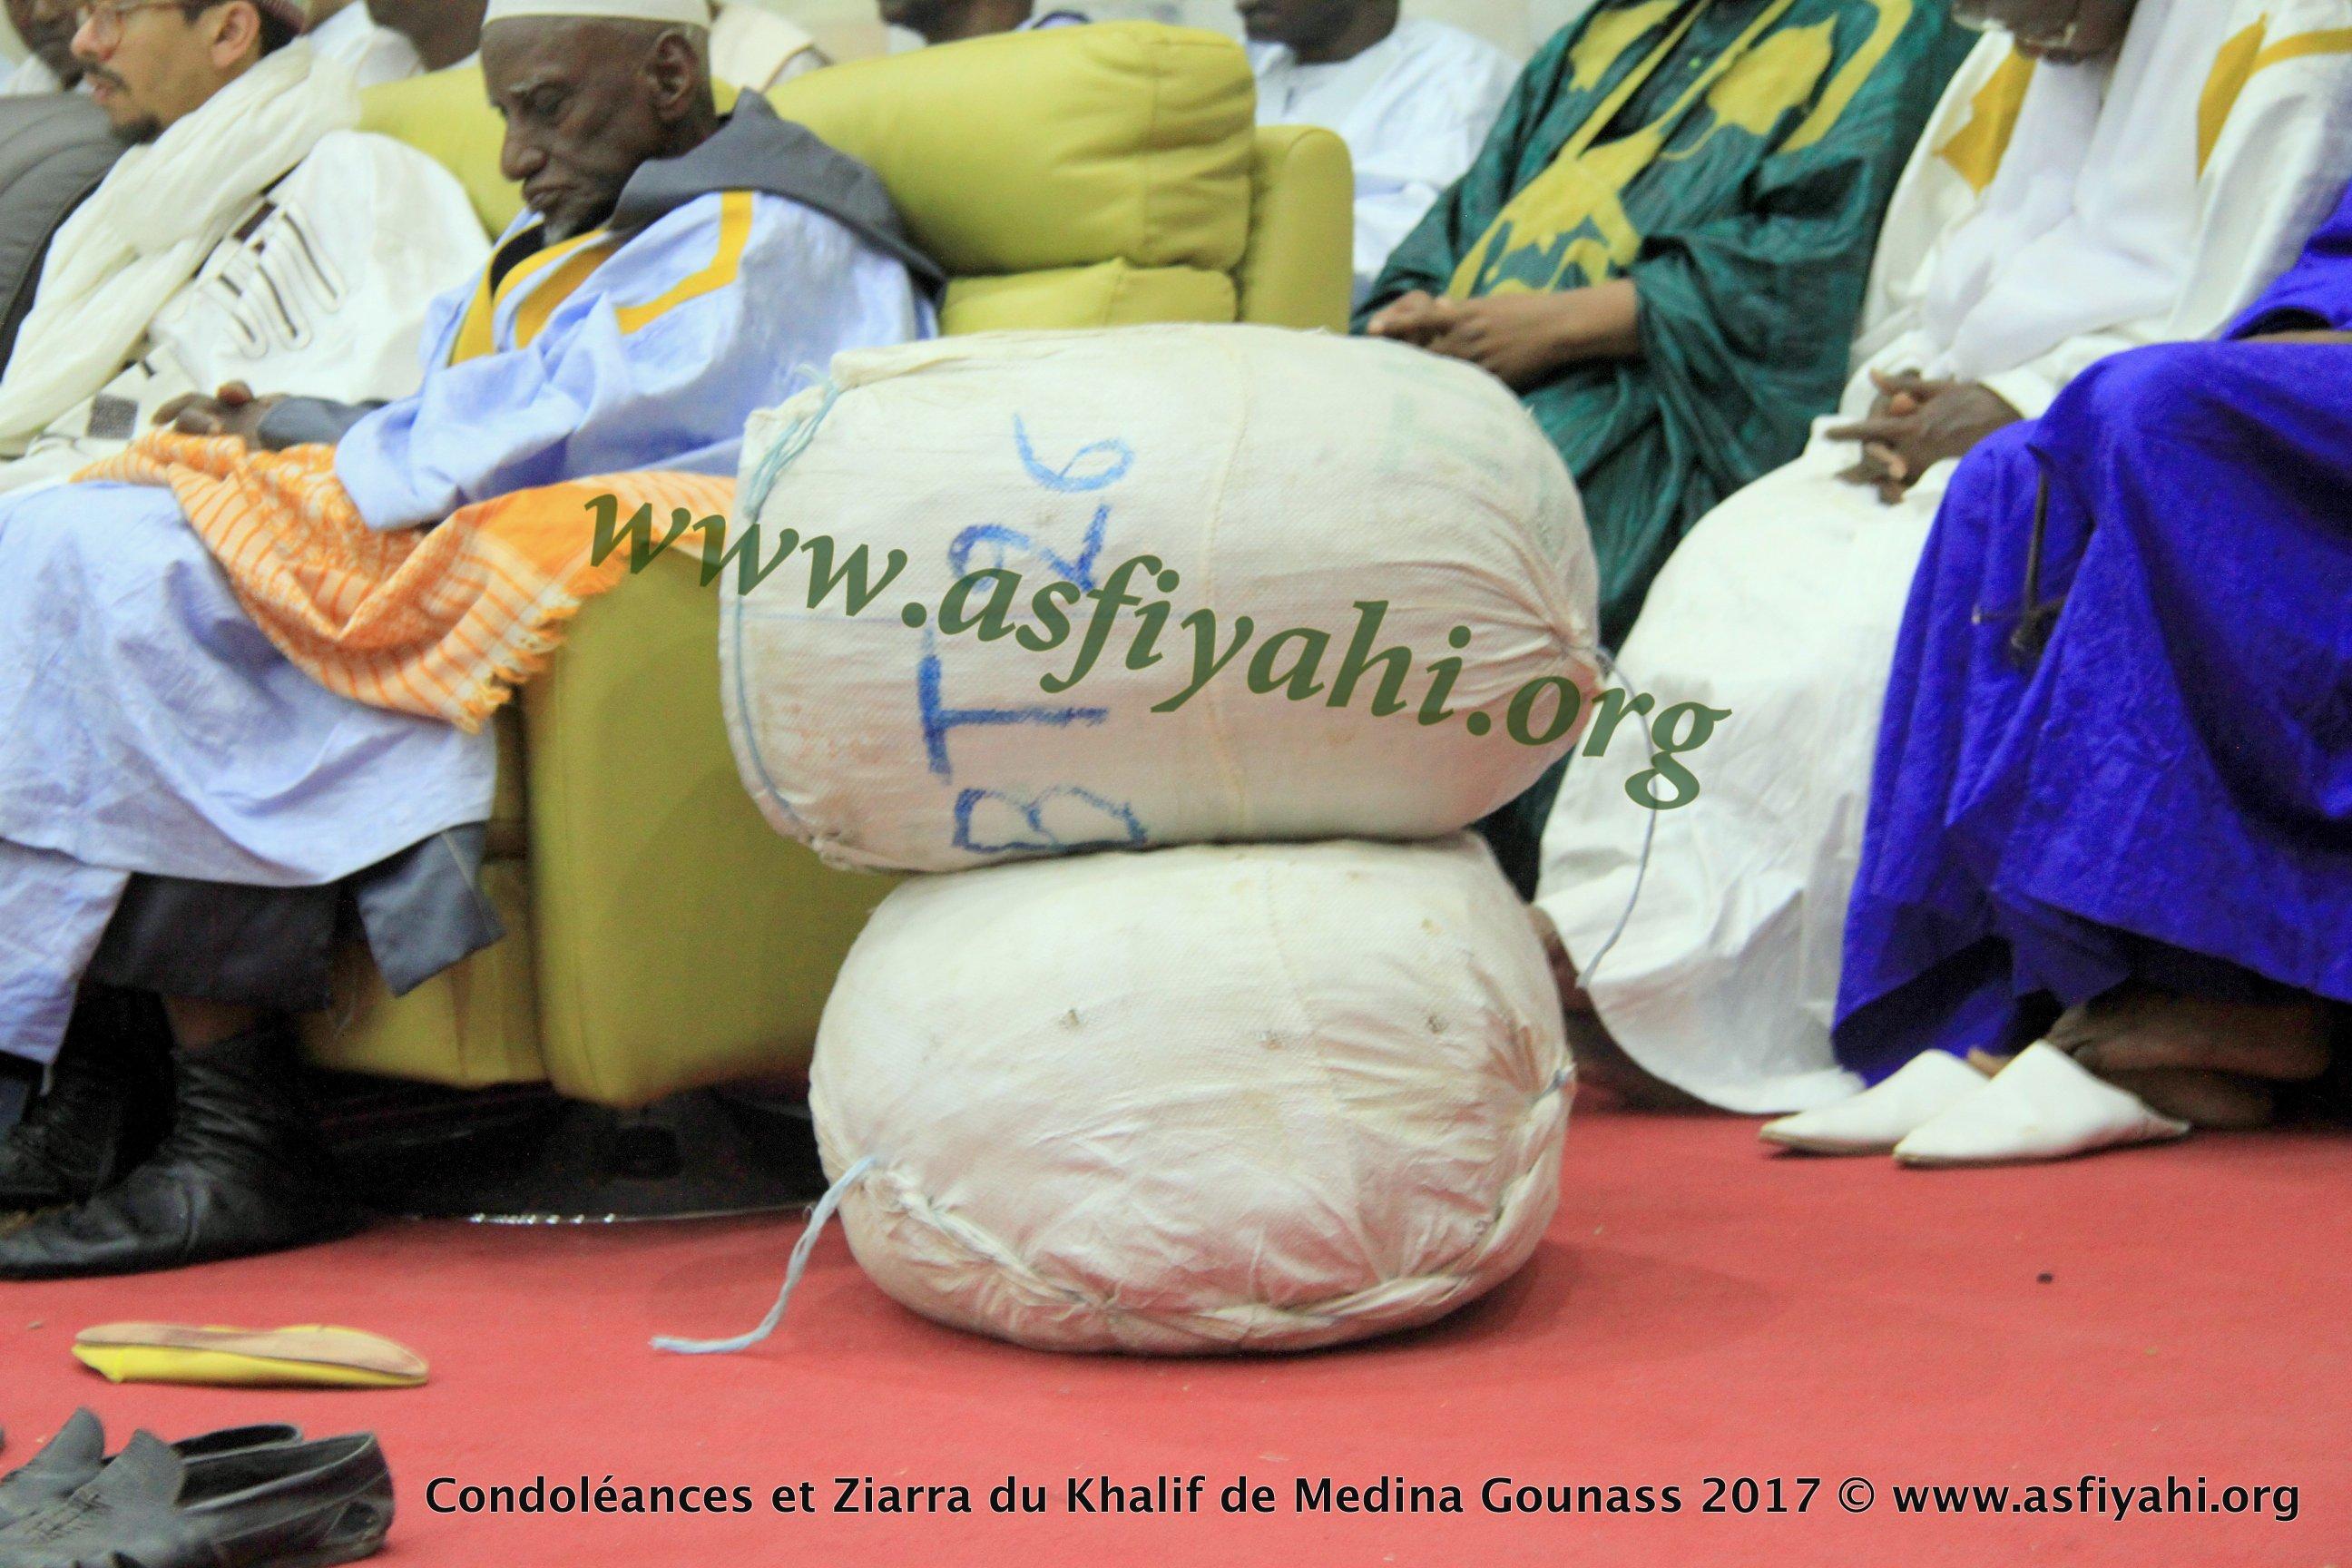 PHOTOS - RAPPEL À DIEU D'AL MAKTOUM - Les images de la Présentation de Condoléances du Khalif de Médina Gounass en compagnie du Cherif Sidi Birahim TIjani